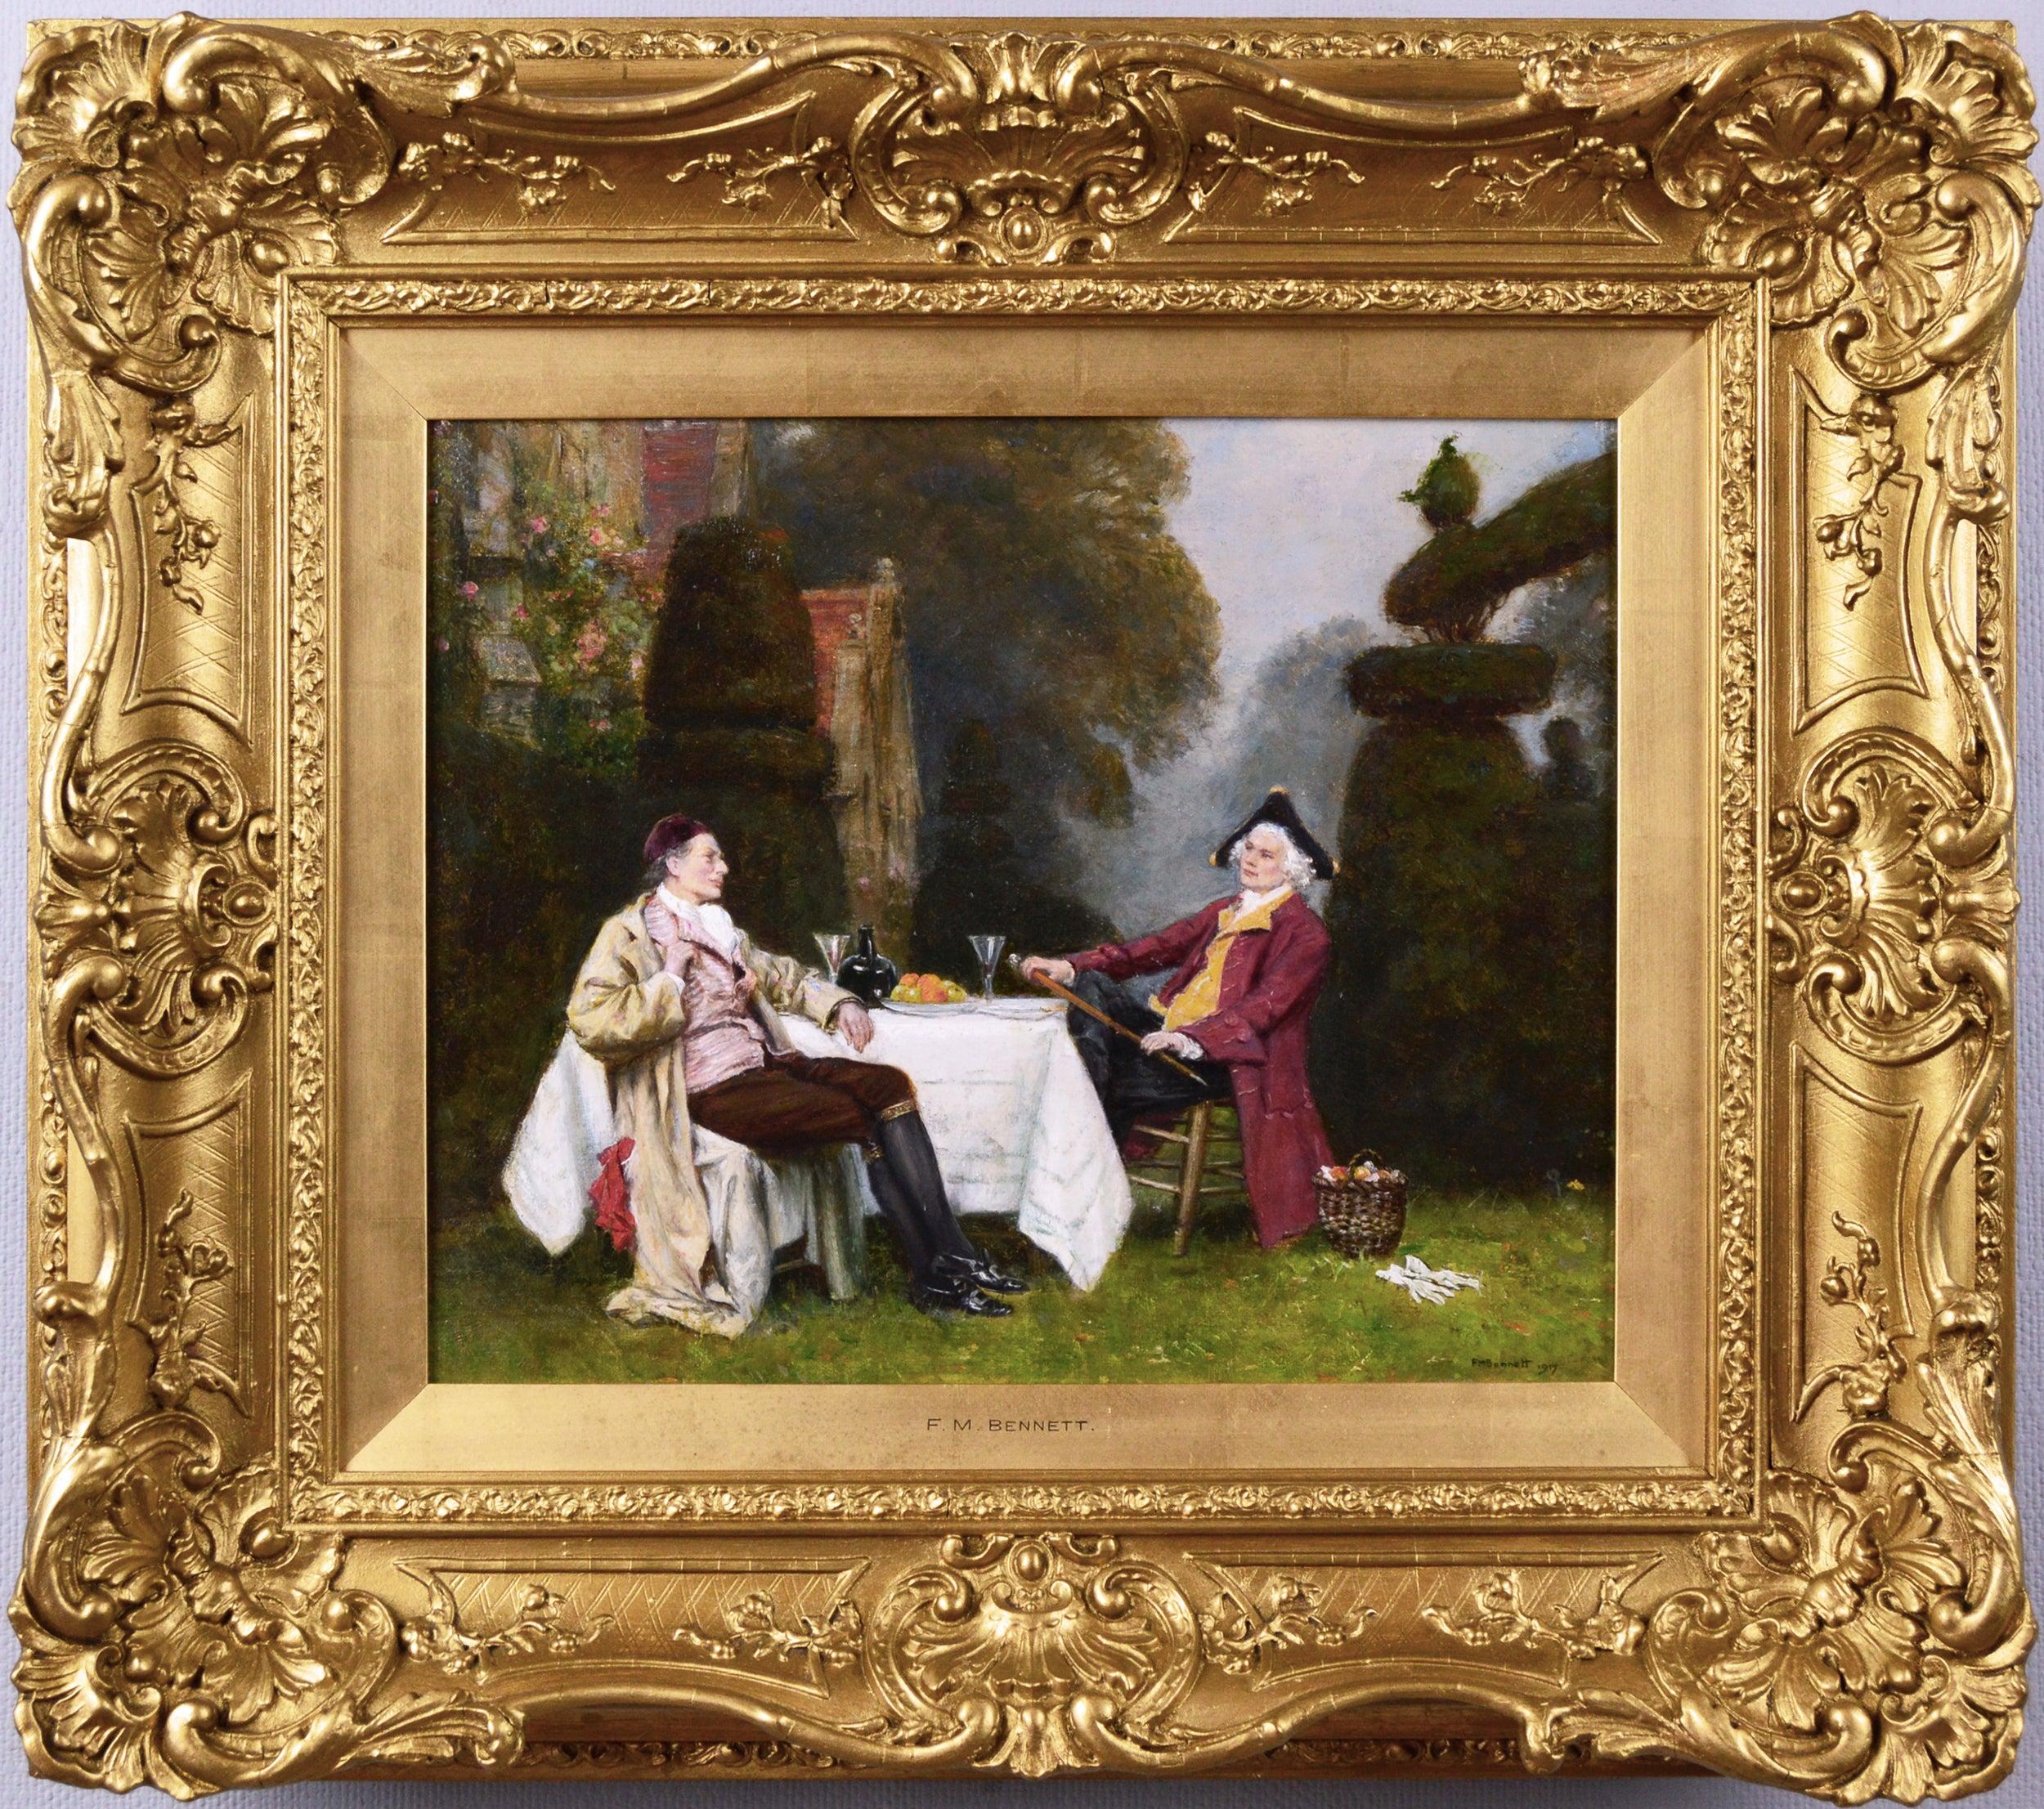 19th Century genre oil painting of two gentlemen in a garden